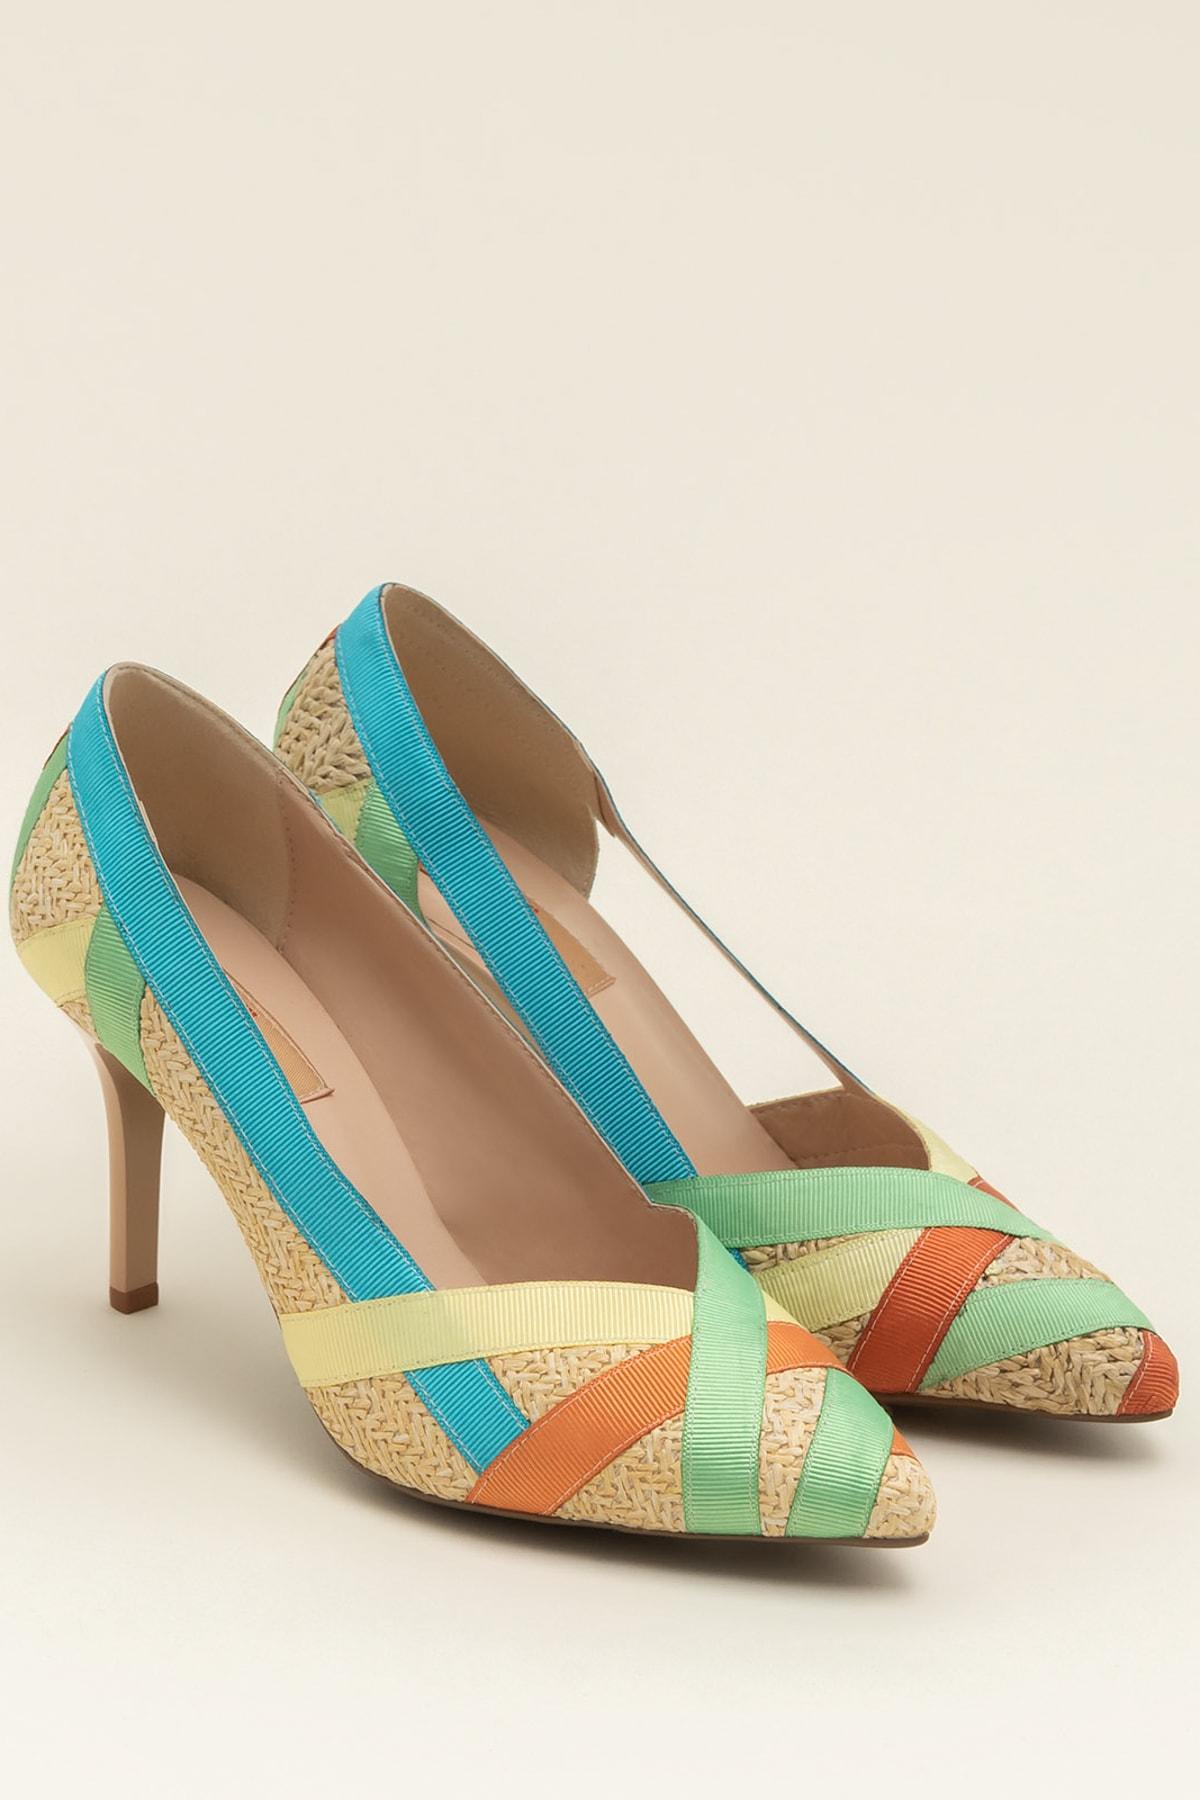 Elle Shoes ELORZA-1 Multi Kadın Ayakkabı 2